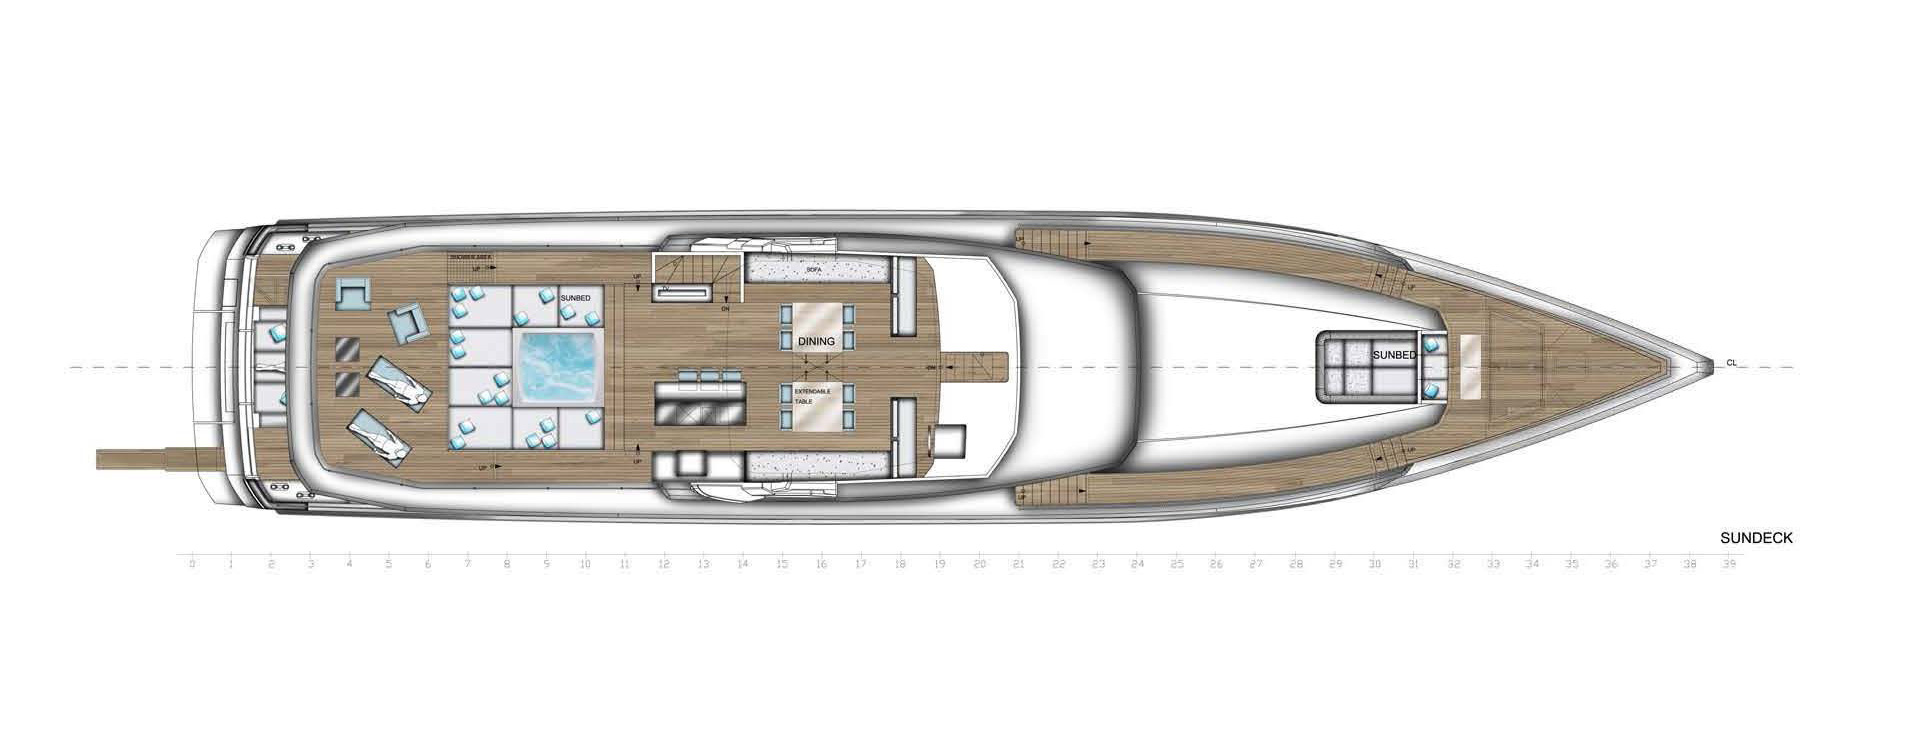 Admiral-38m_deck-plan02